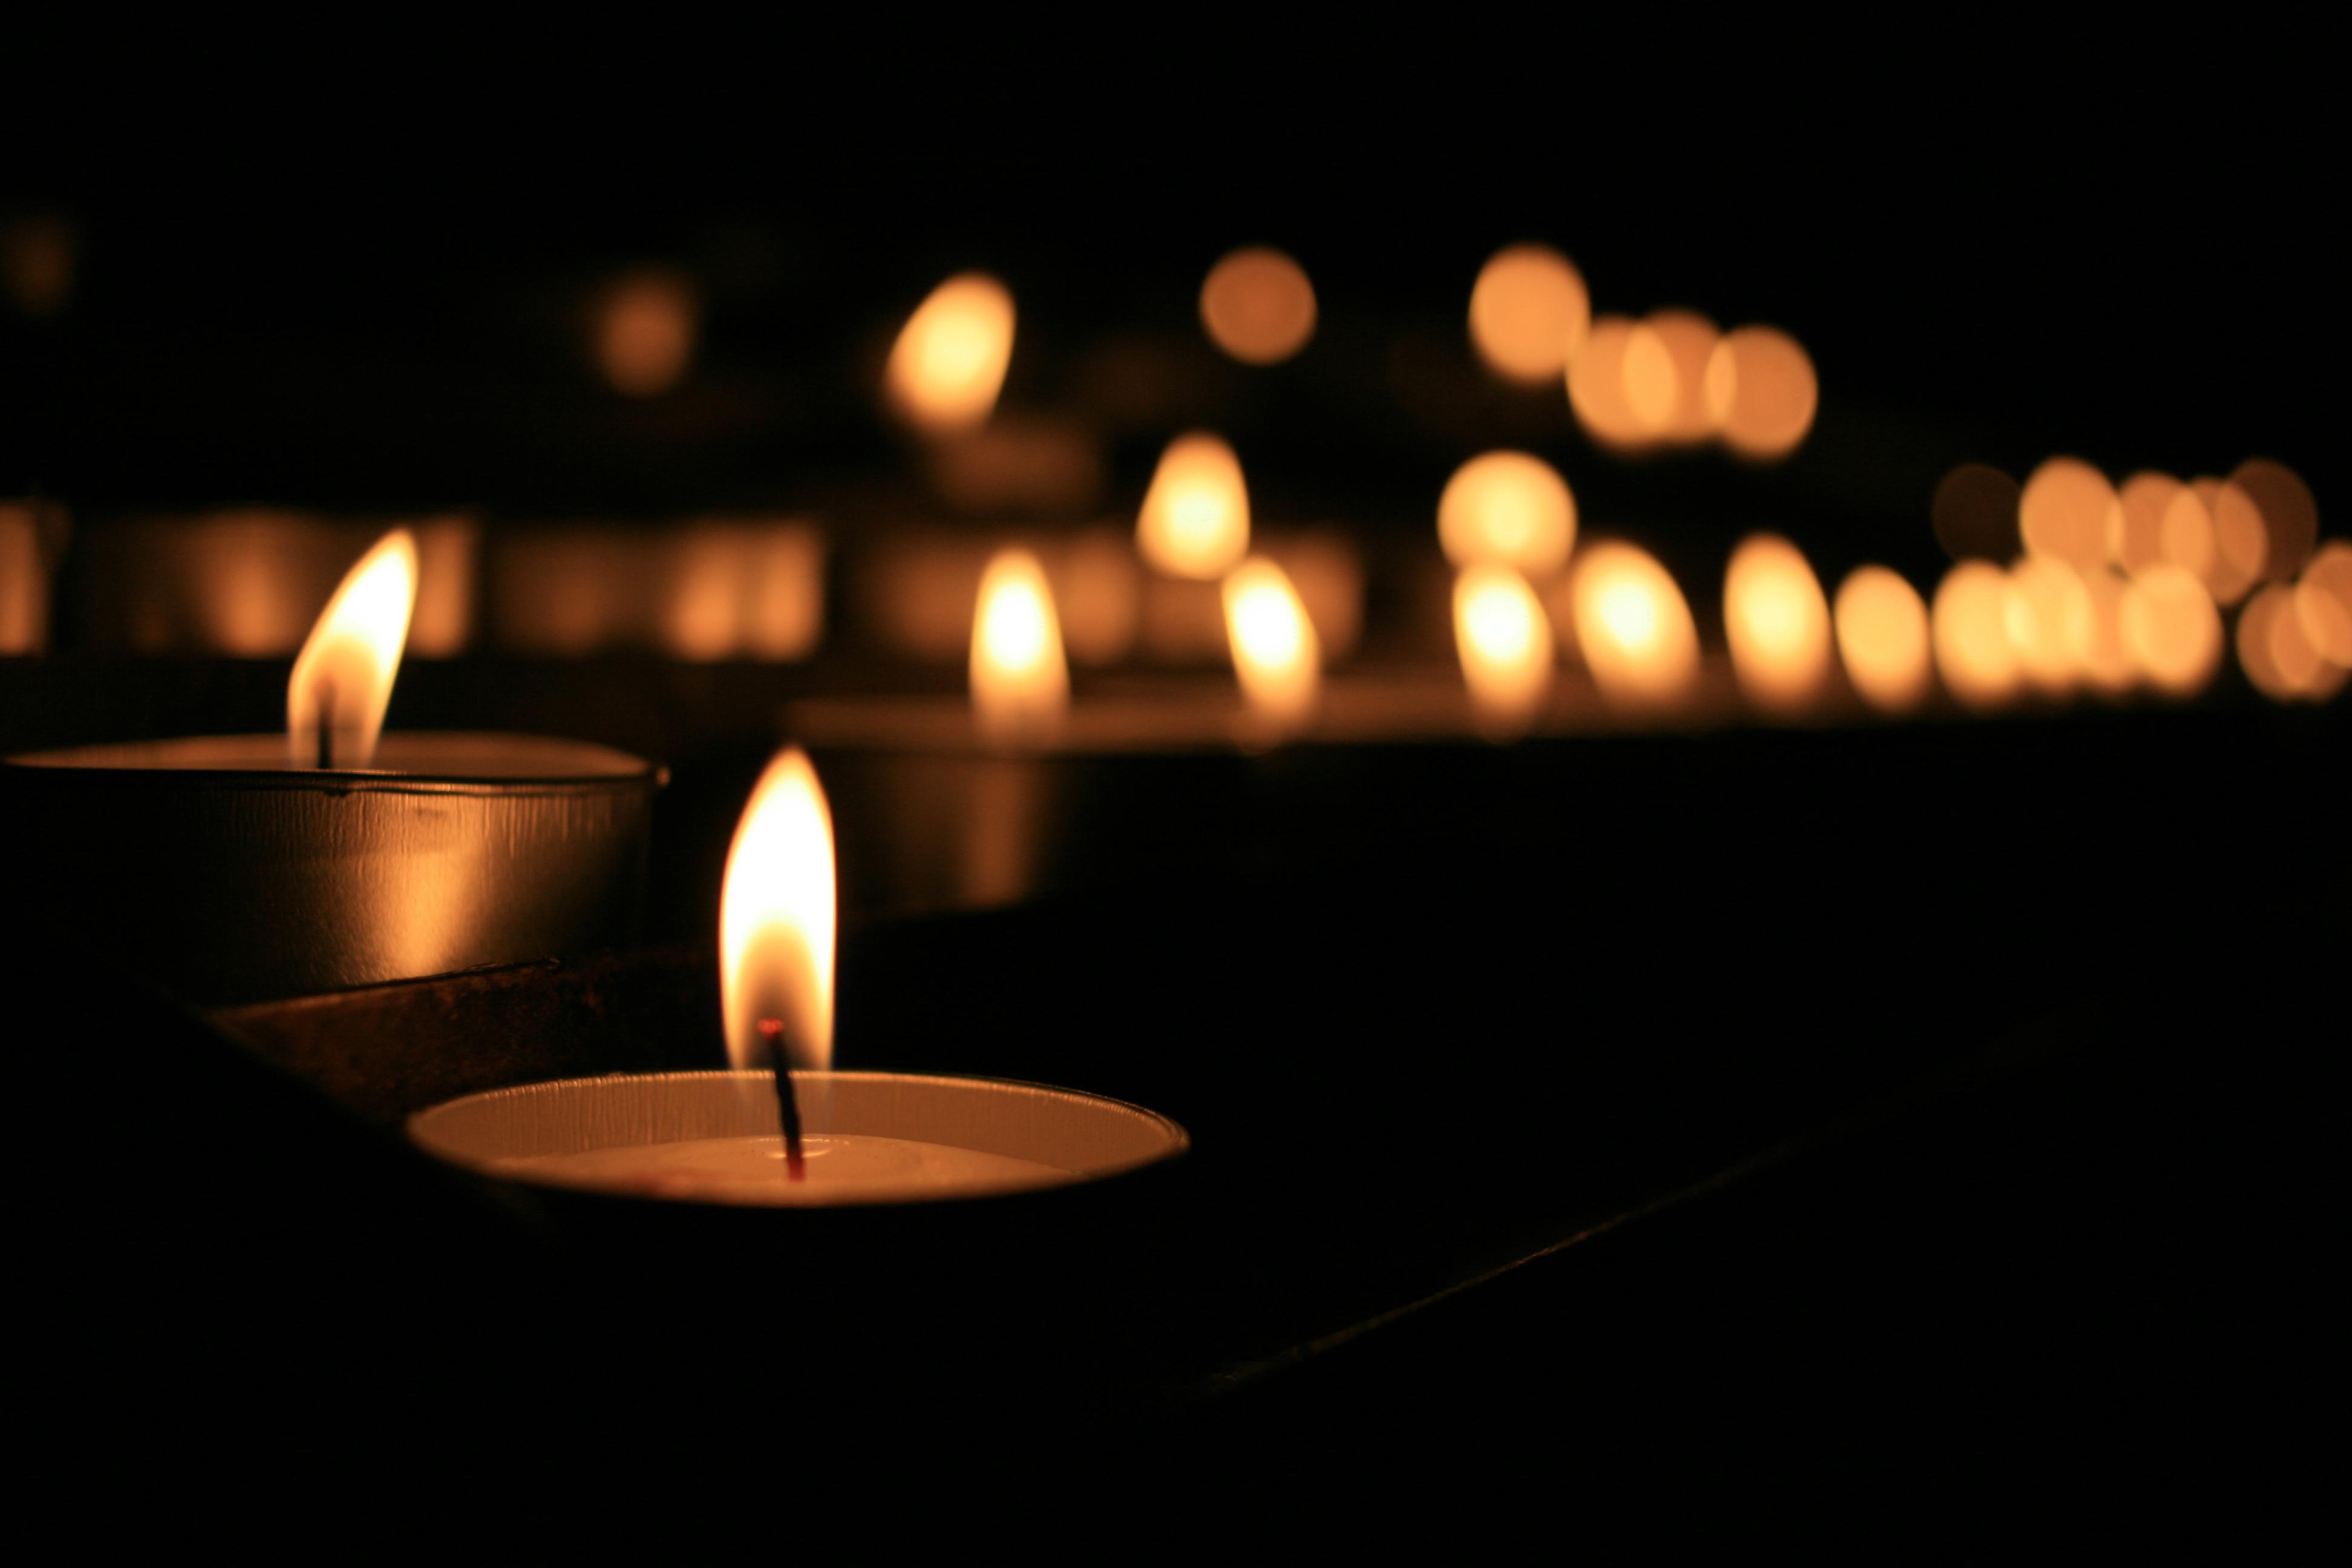 Святейший Отец выразил свои соболезнования в связи с трагедией в Кемерово